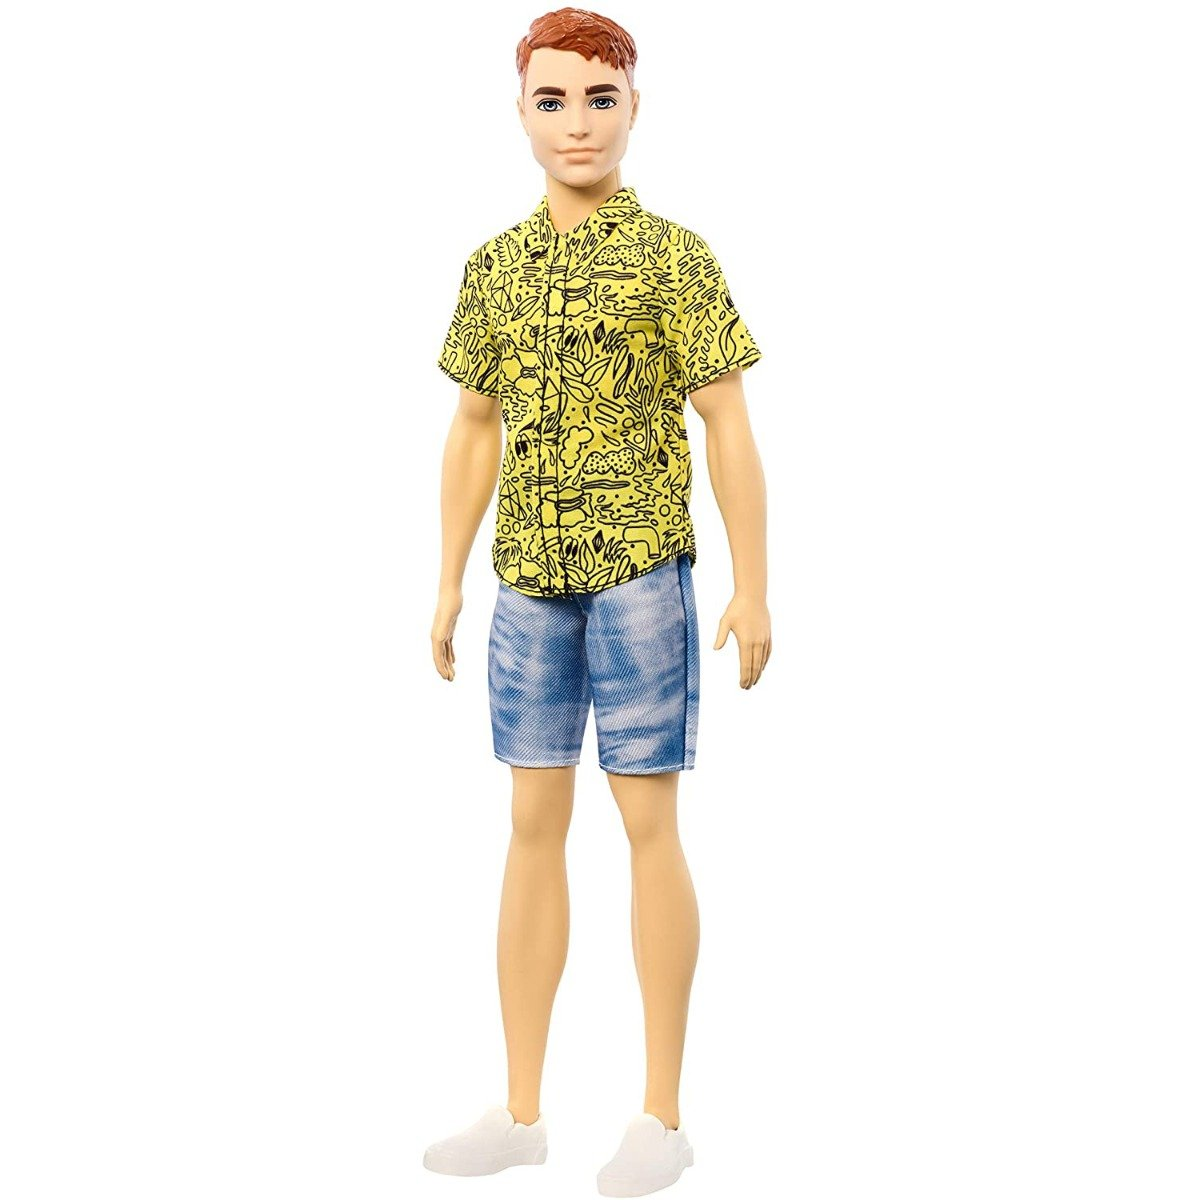 Papusa Barbie Fashionistas, Ken GHW67